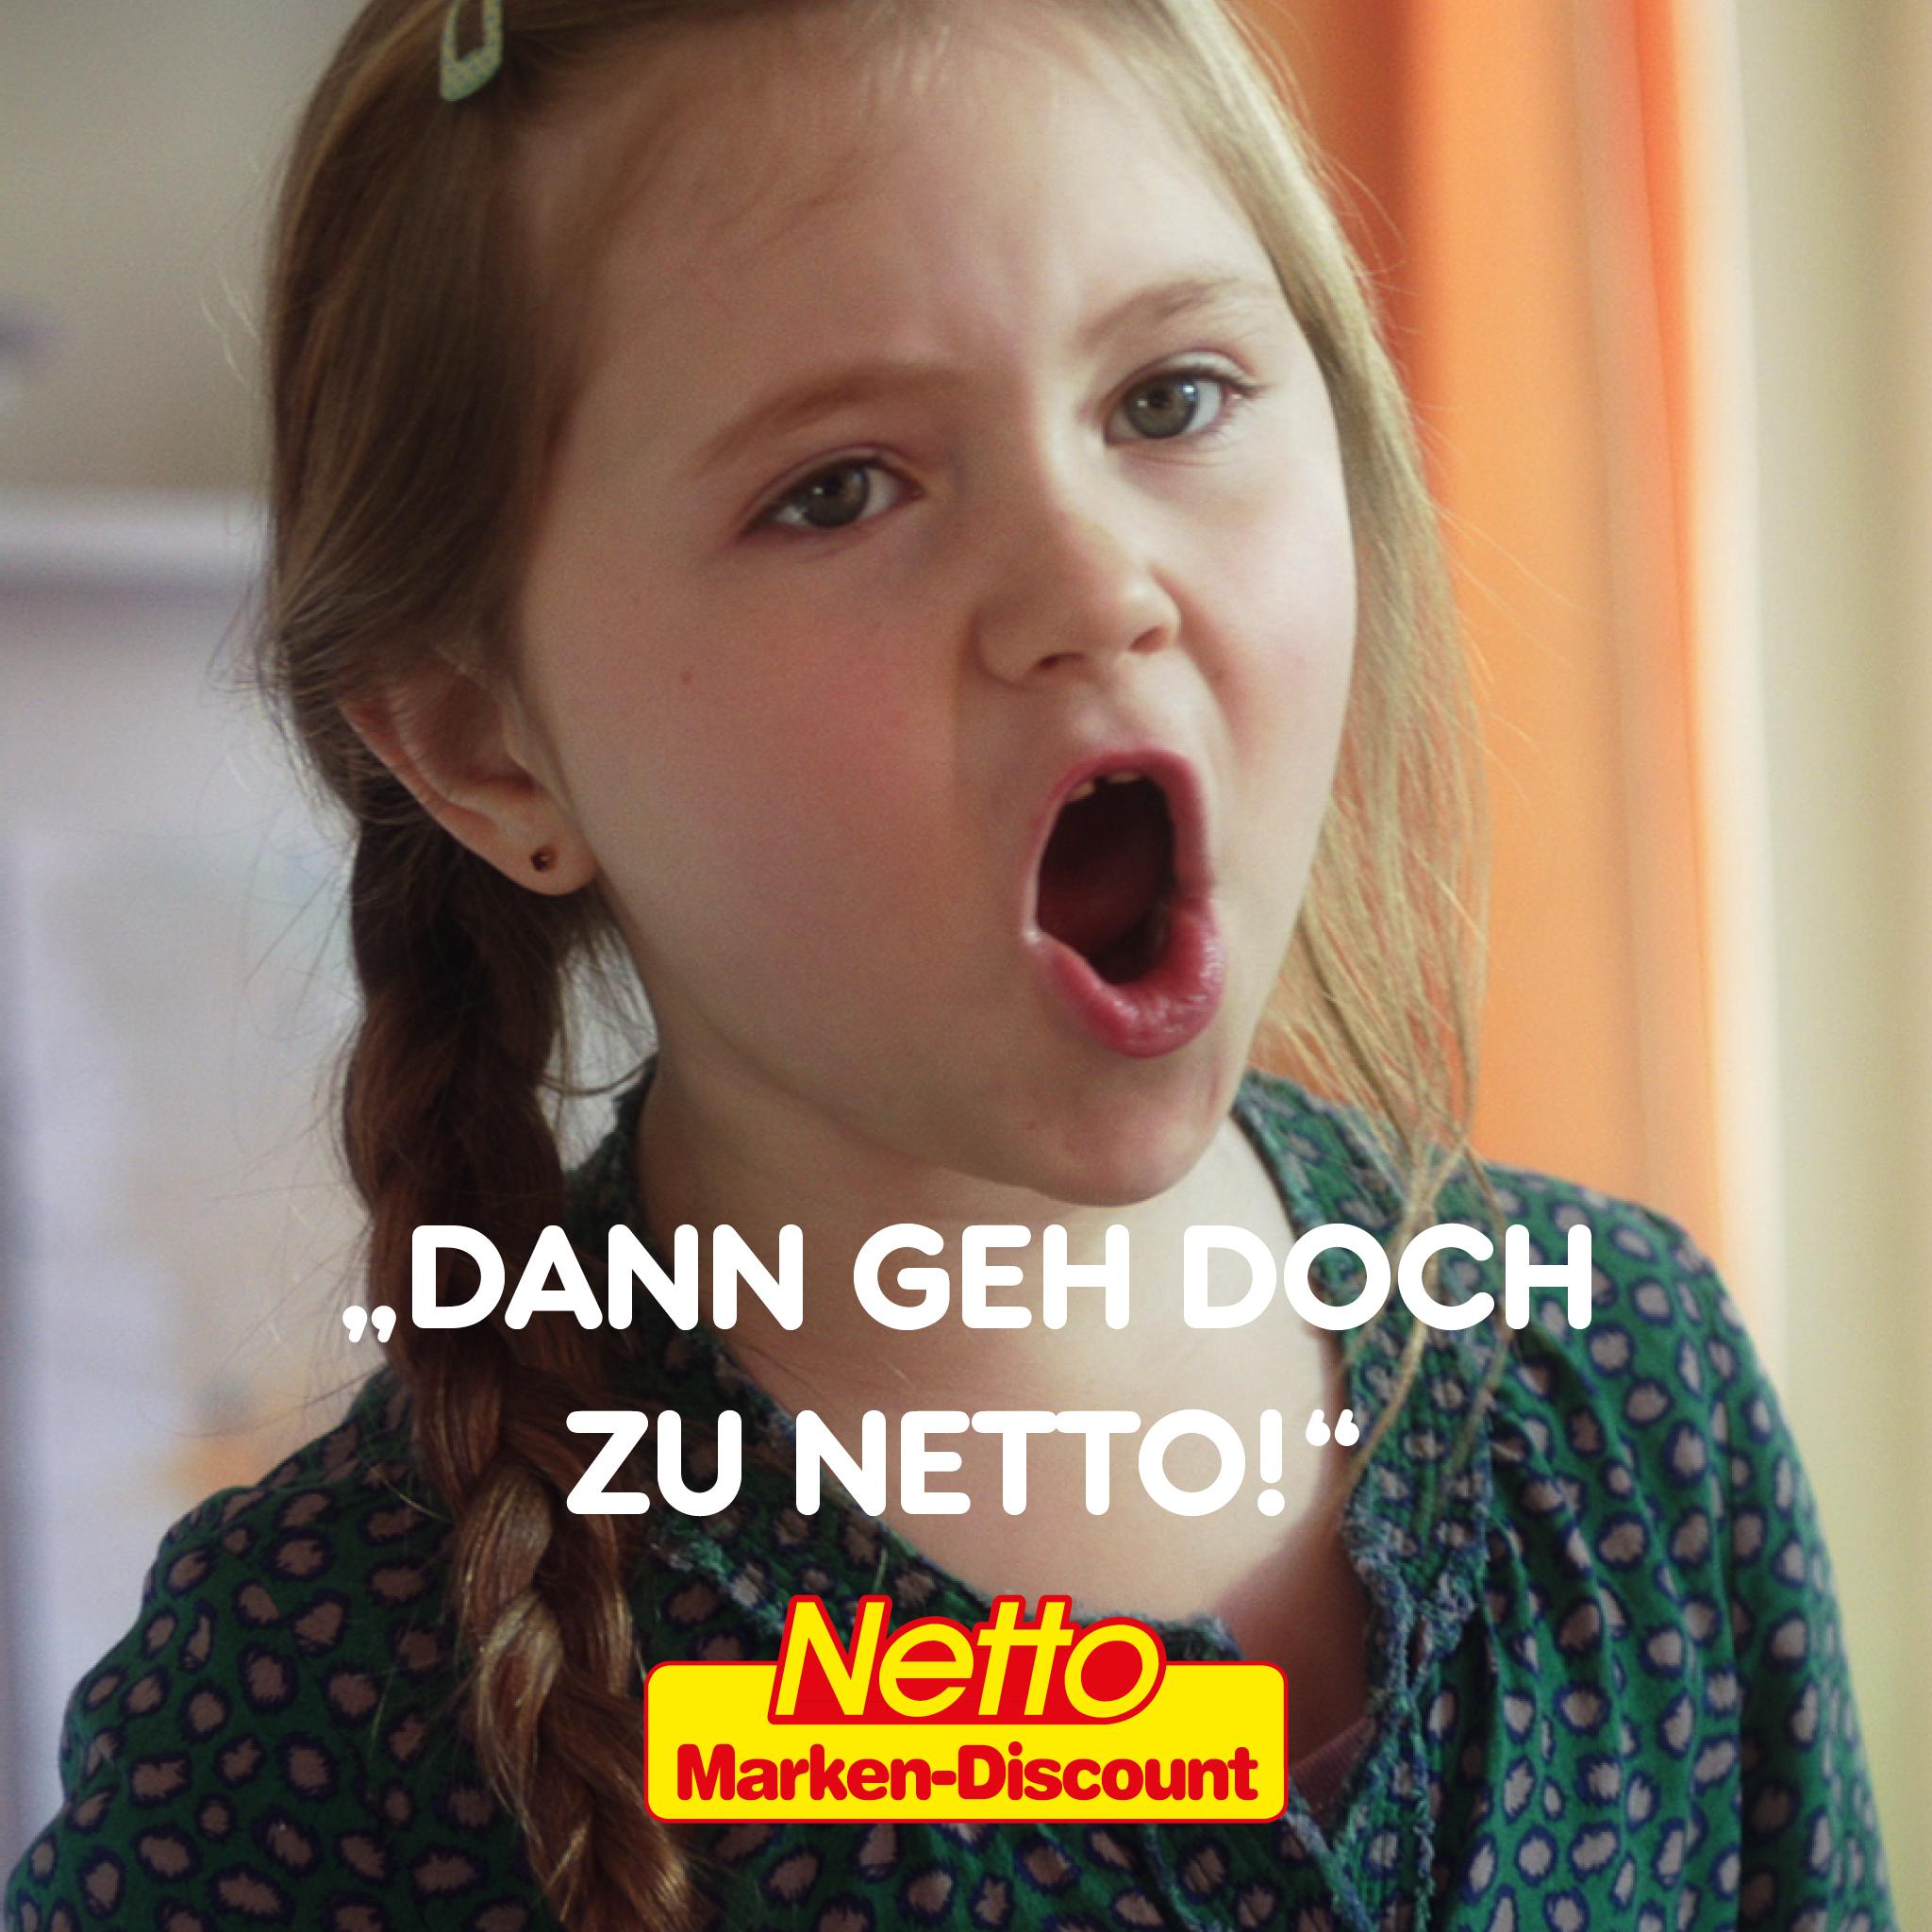 [ Netto-online.de ] 10% Gutschein auf nahezu alle Lebensmittel im Netto Onlineshop